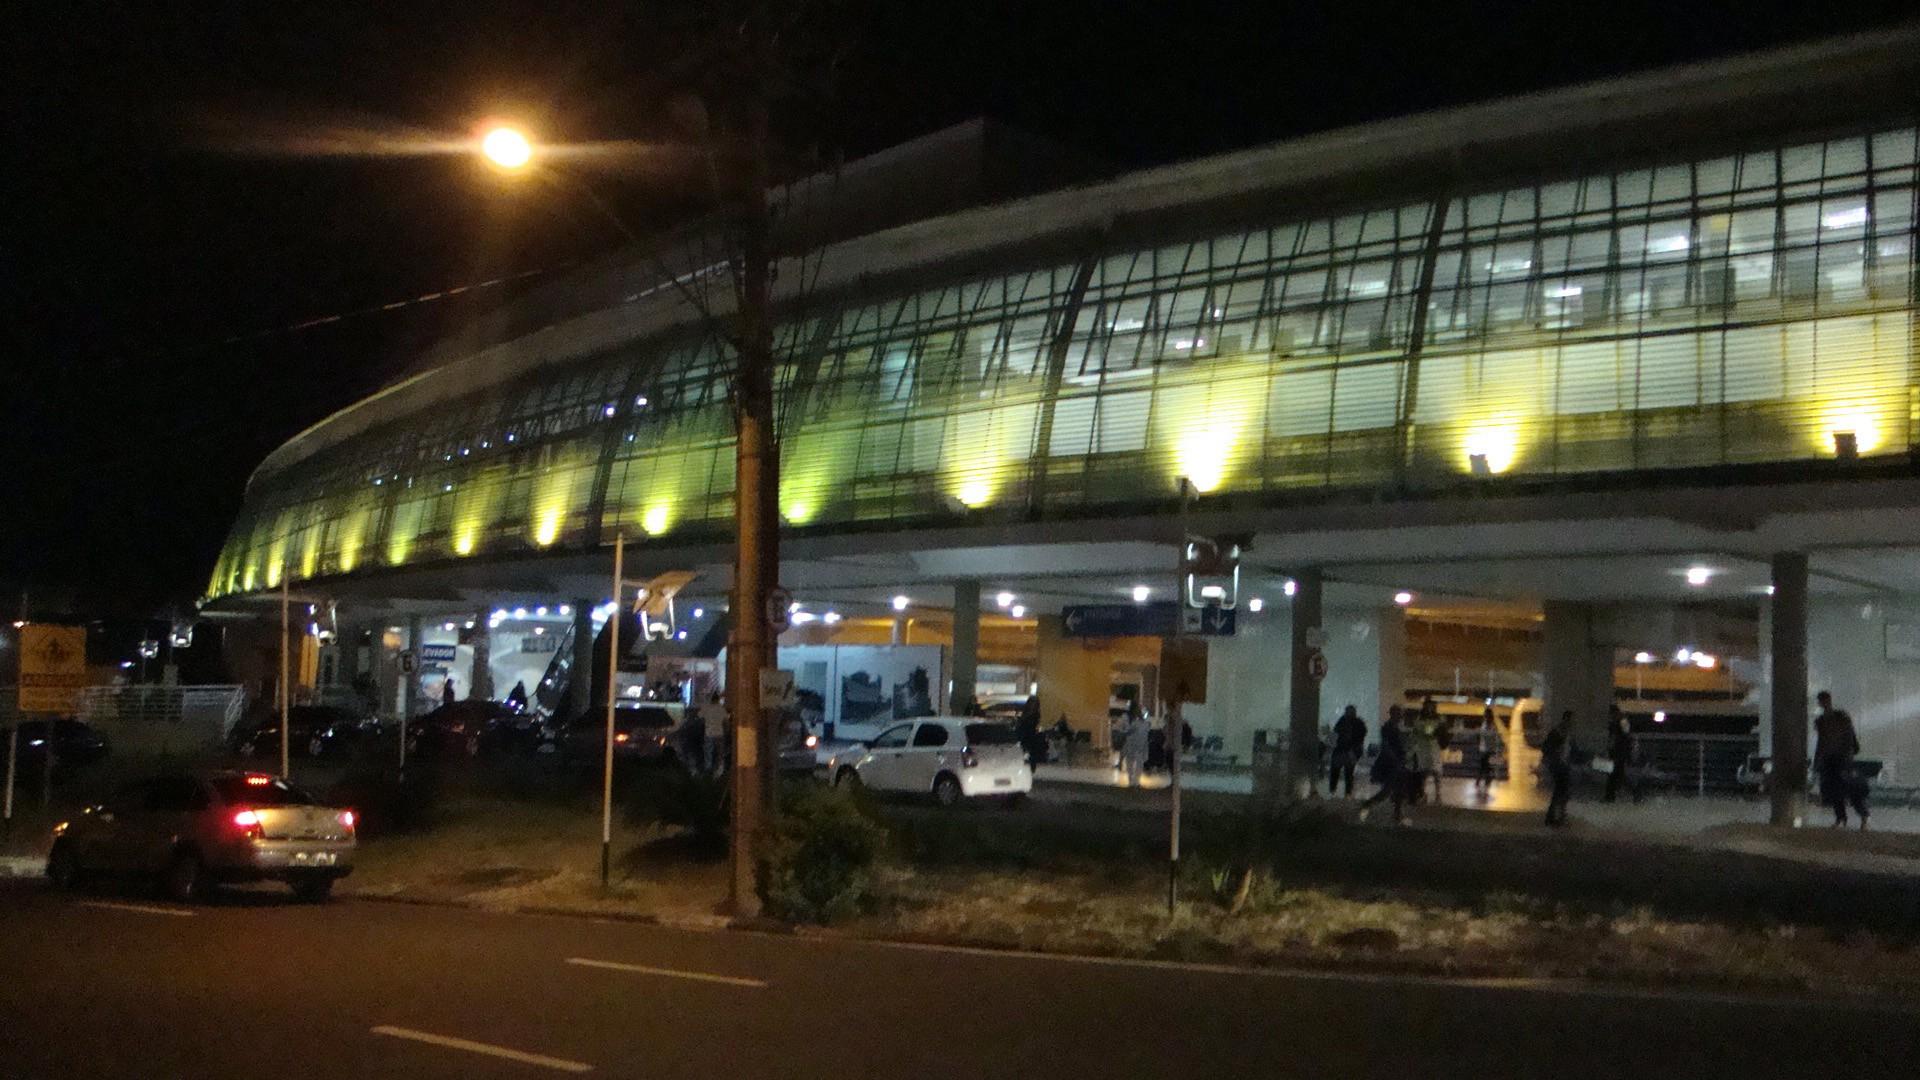 Multas contra empresas de ônibus na rodoviária de Campinas superam em 81% total de 2018 - Notícias - Plantão Diário